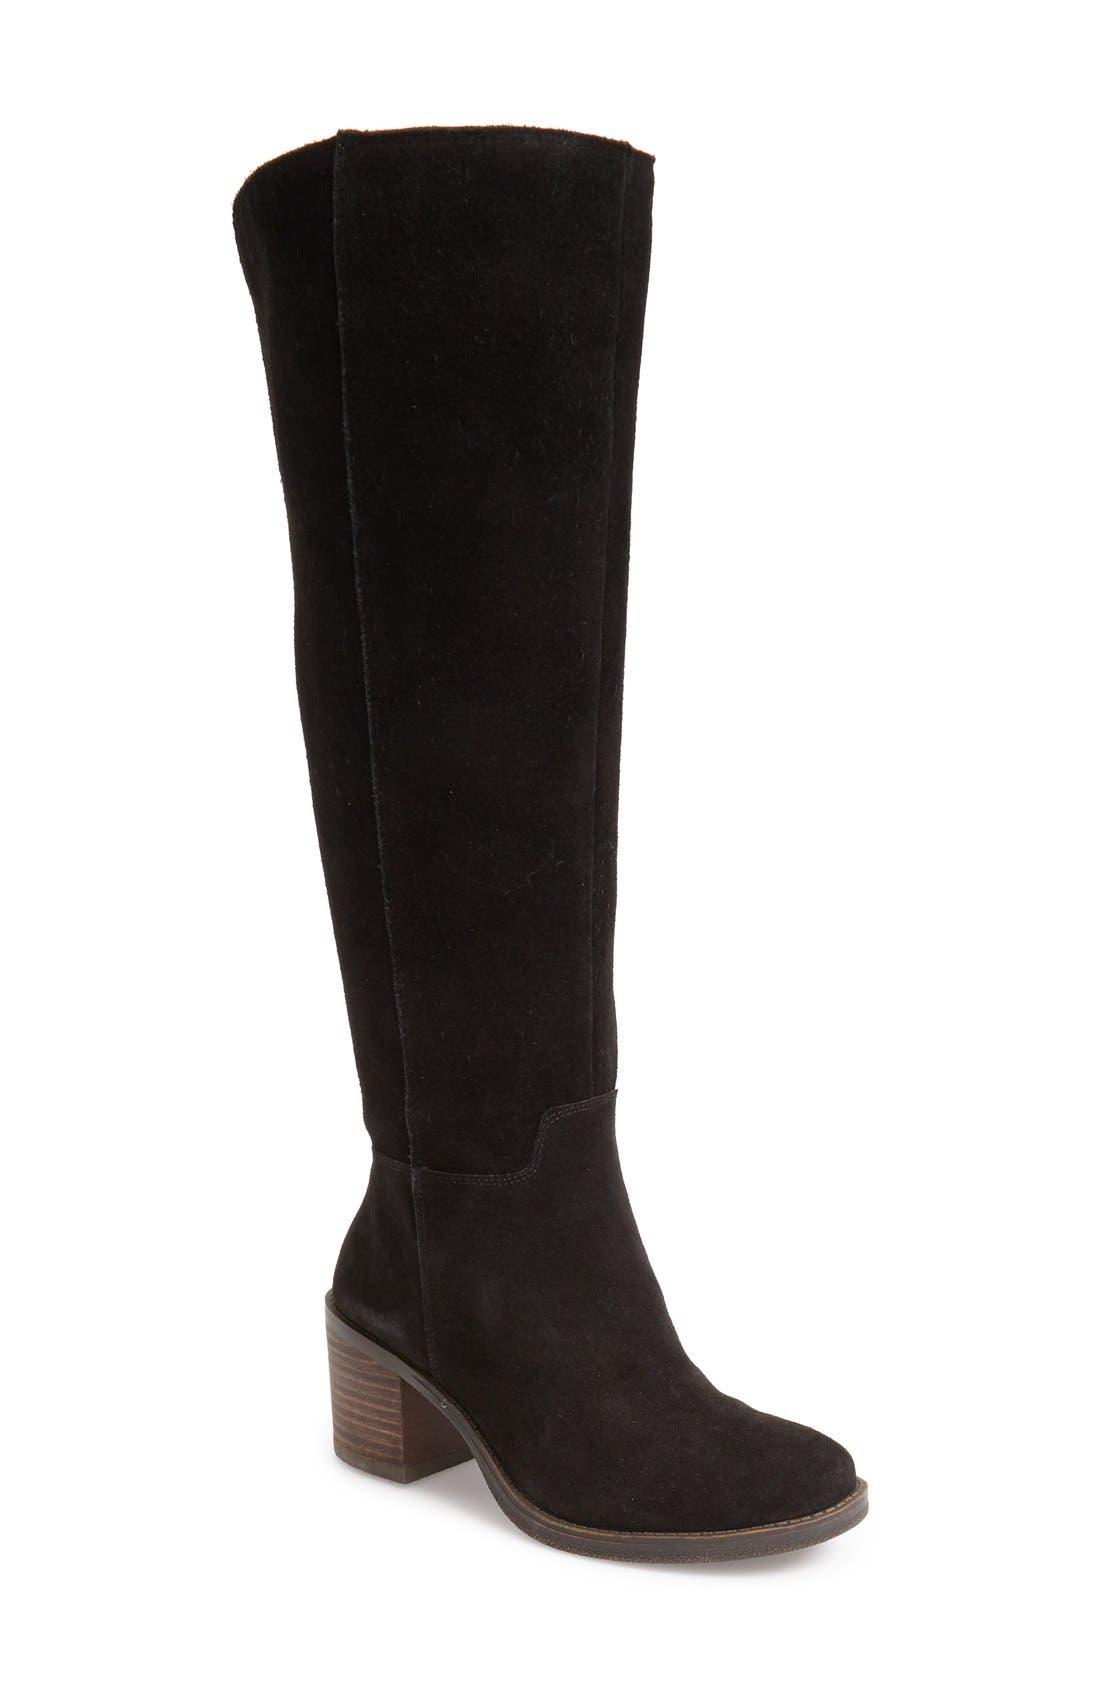 LUCKY BRAND Ritten Tall Boot, Main, color, 002